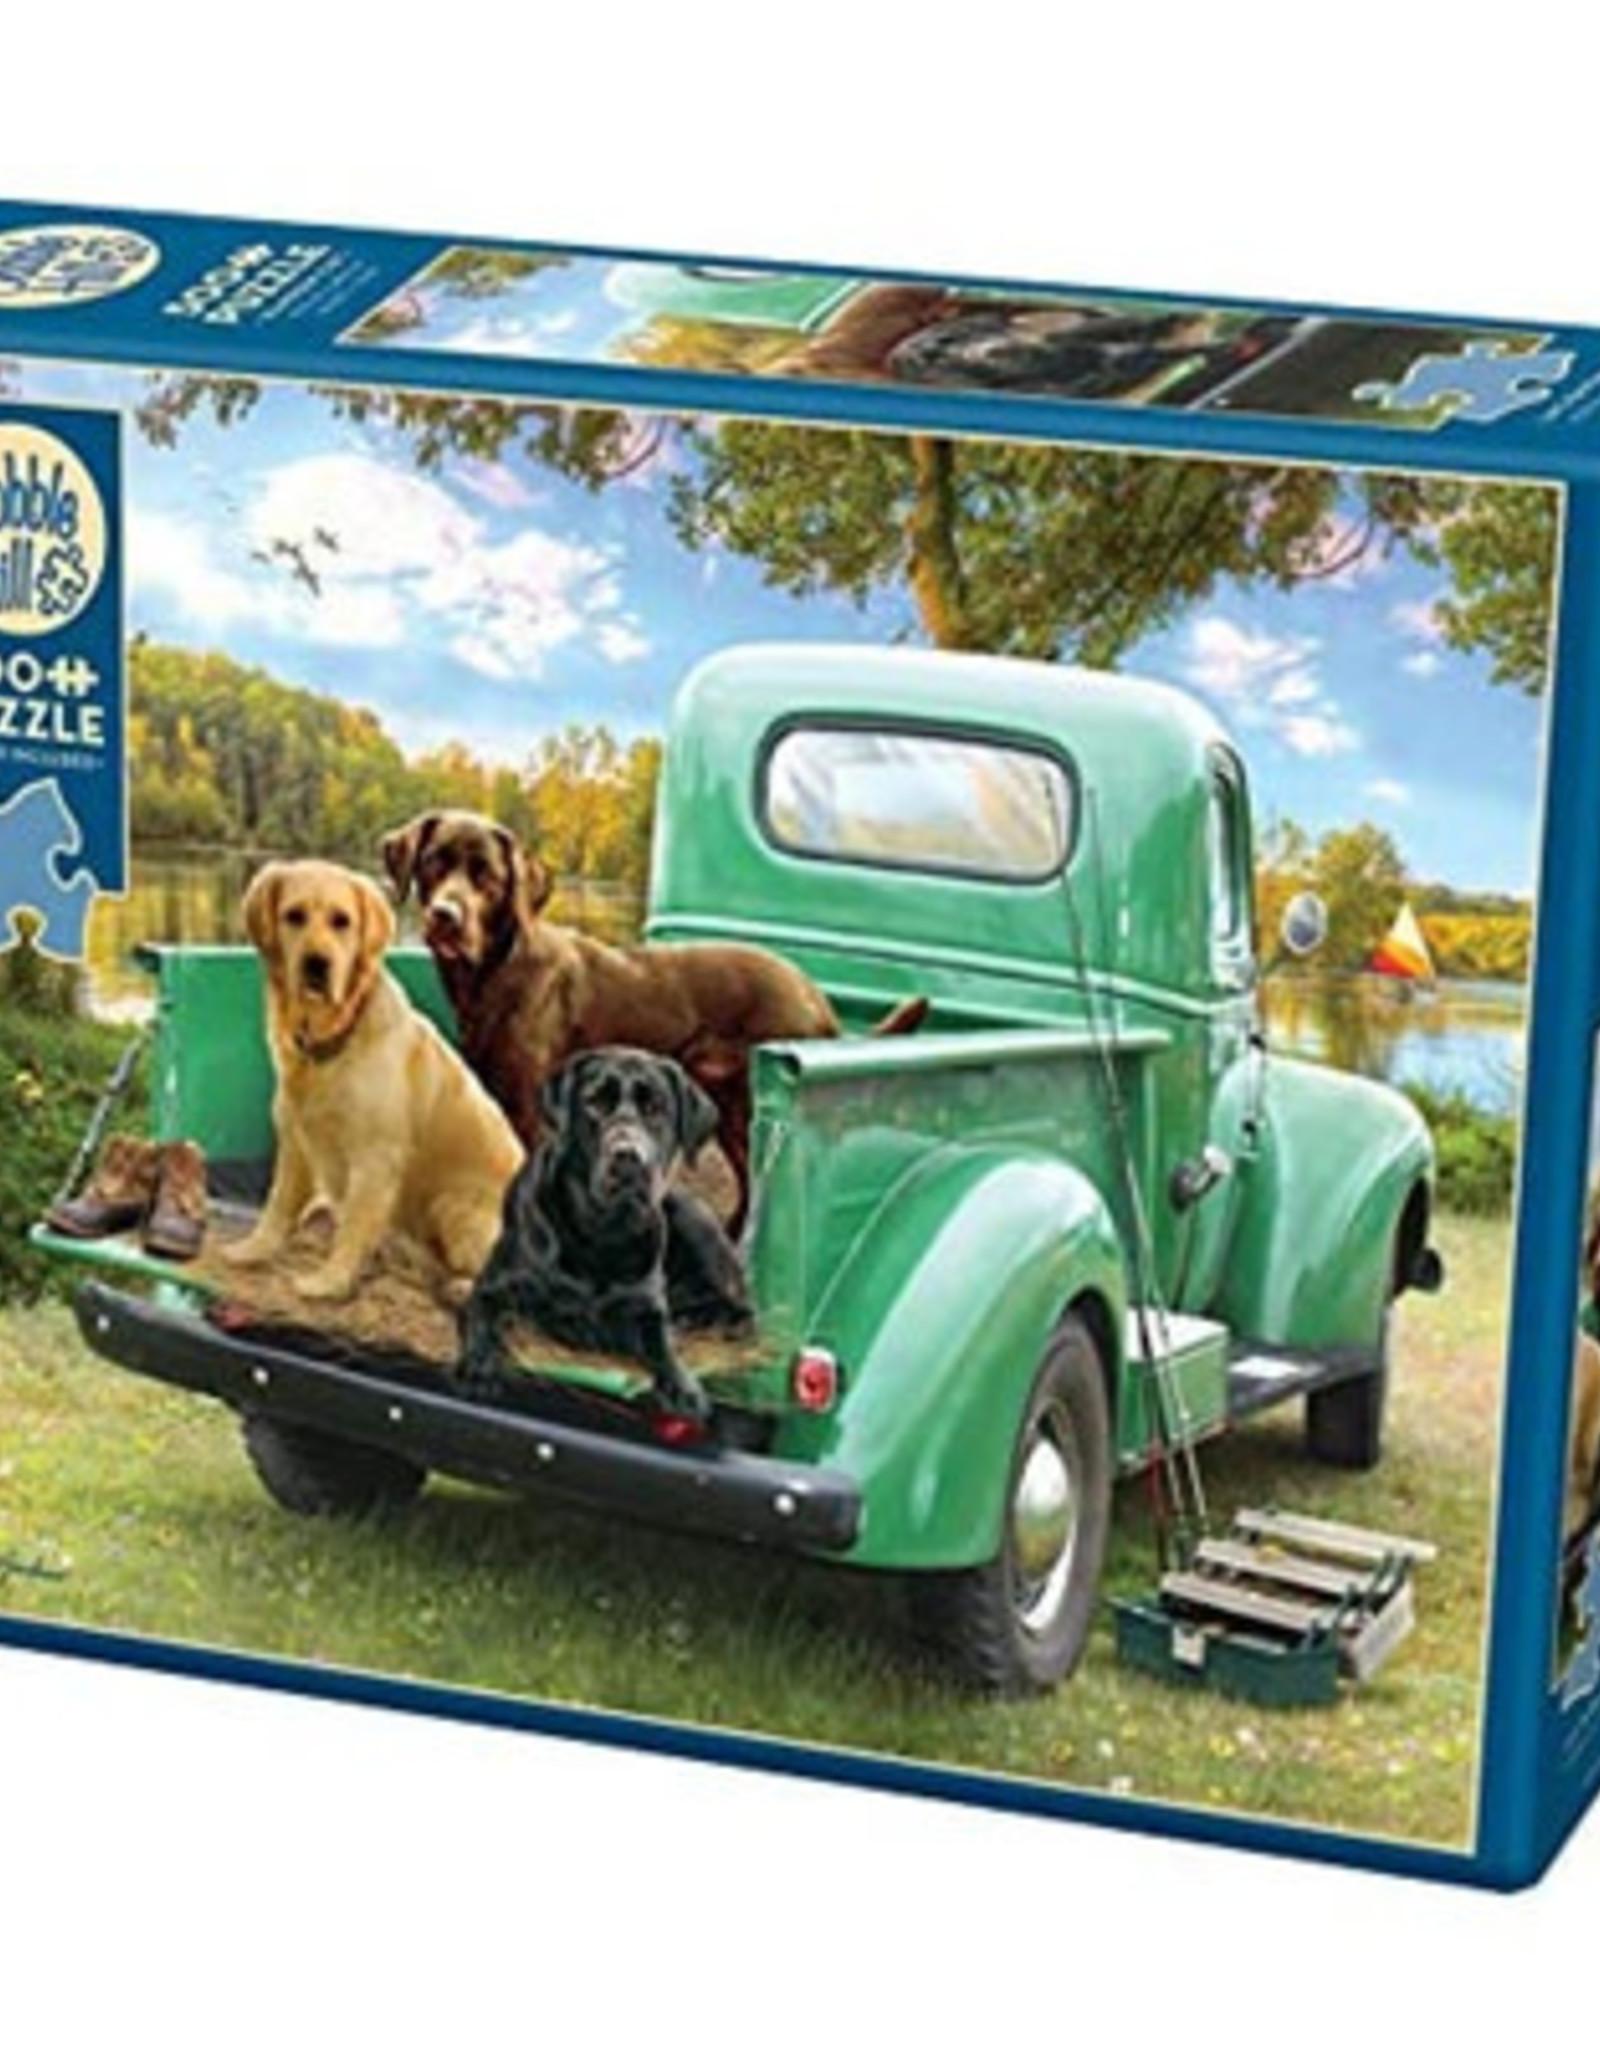 Cobble Hill Puzzles Let's Go Fishing - 500 piece puzzle